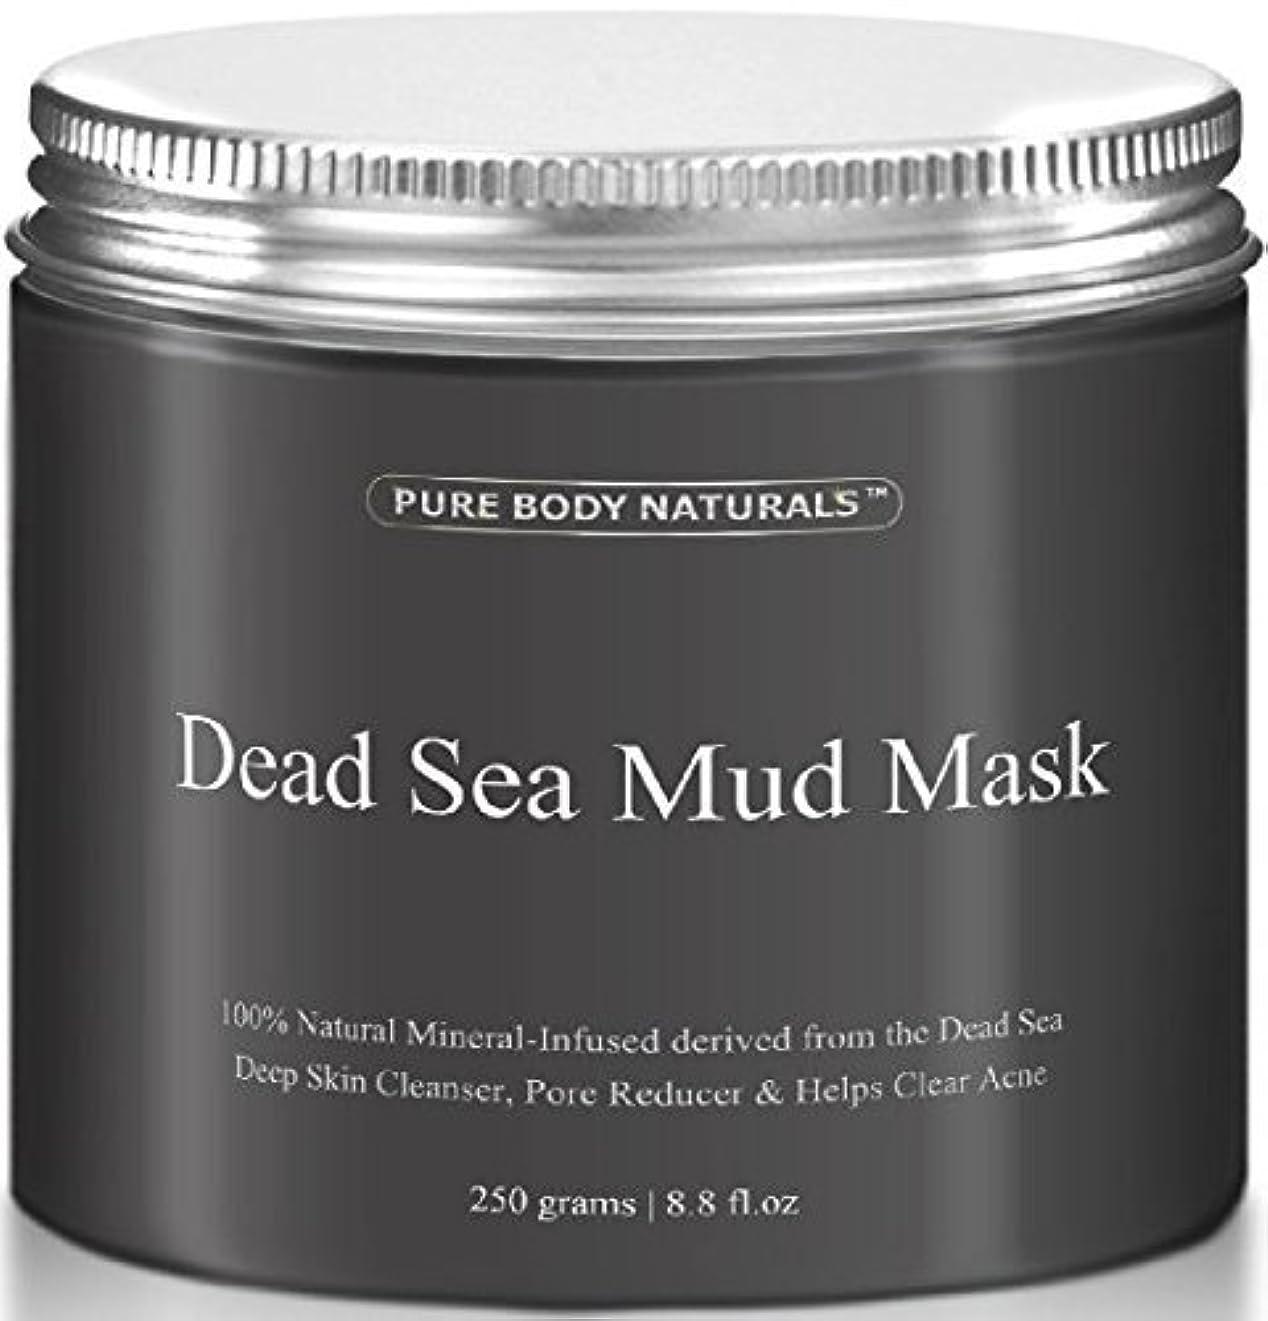 もっと少なくクアッガいらいらさせるDead Sea Mud Mask 死海の泥マスク 250g [並行輸入品]